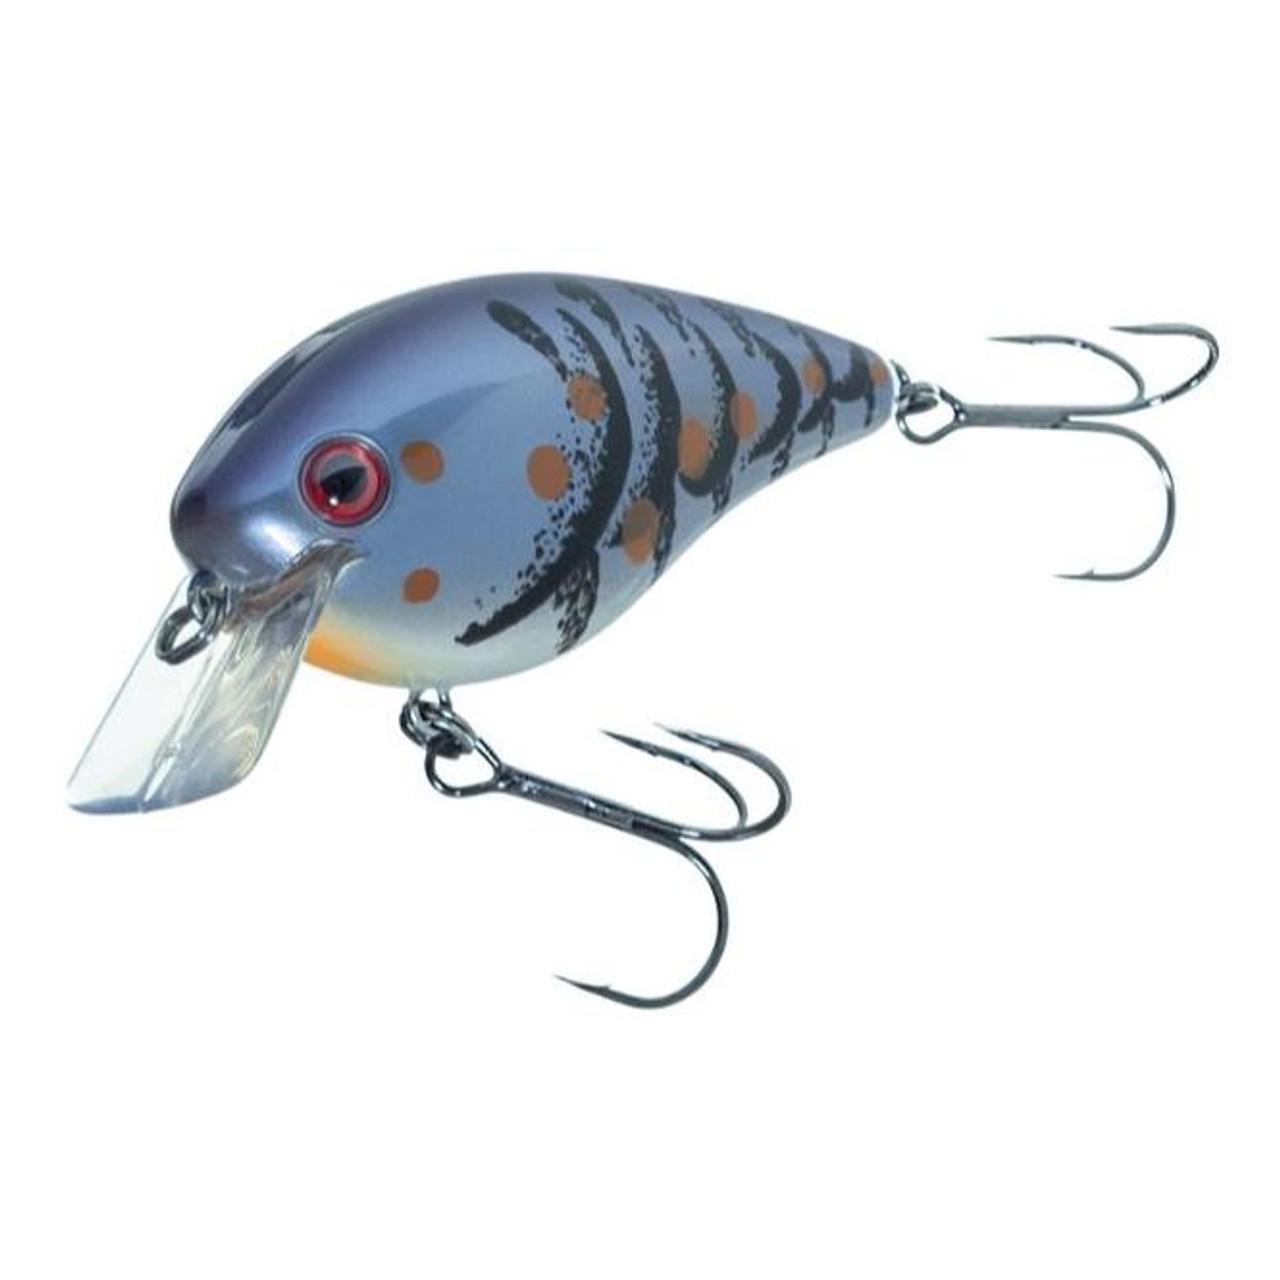 Strike King Crankbait SquareBill HCKVDS2.5-U Nude Fishing  Lure